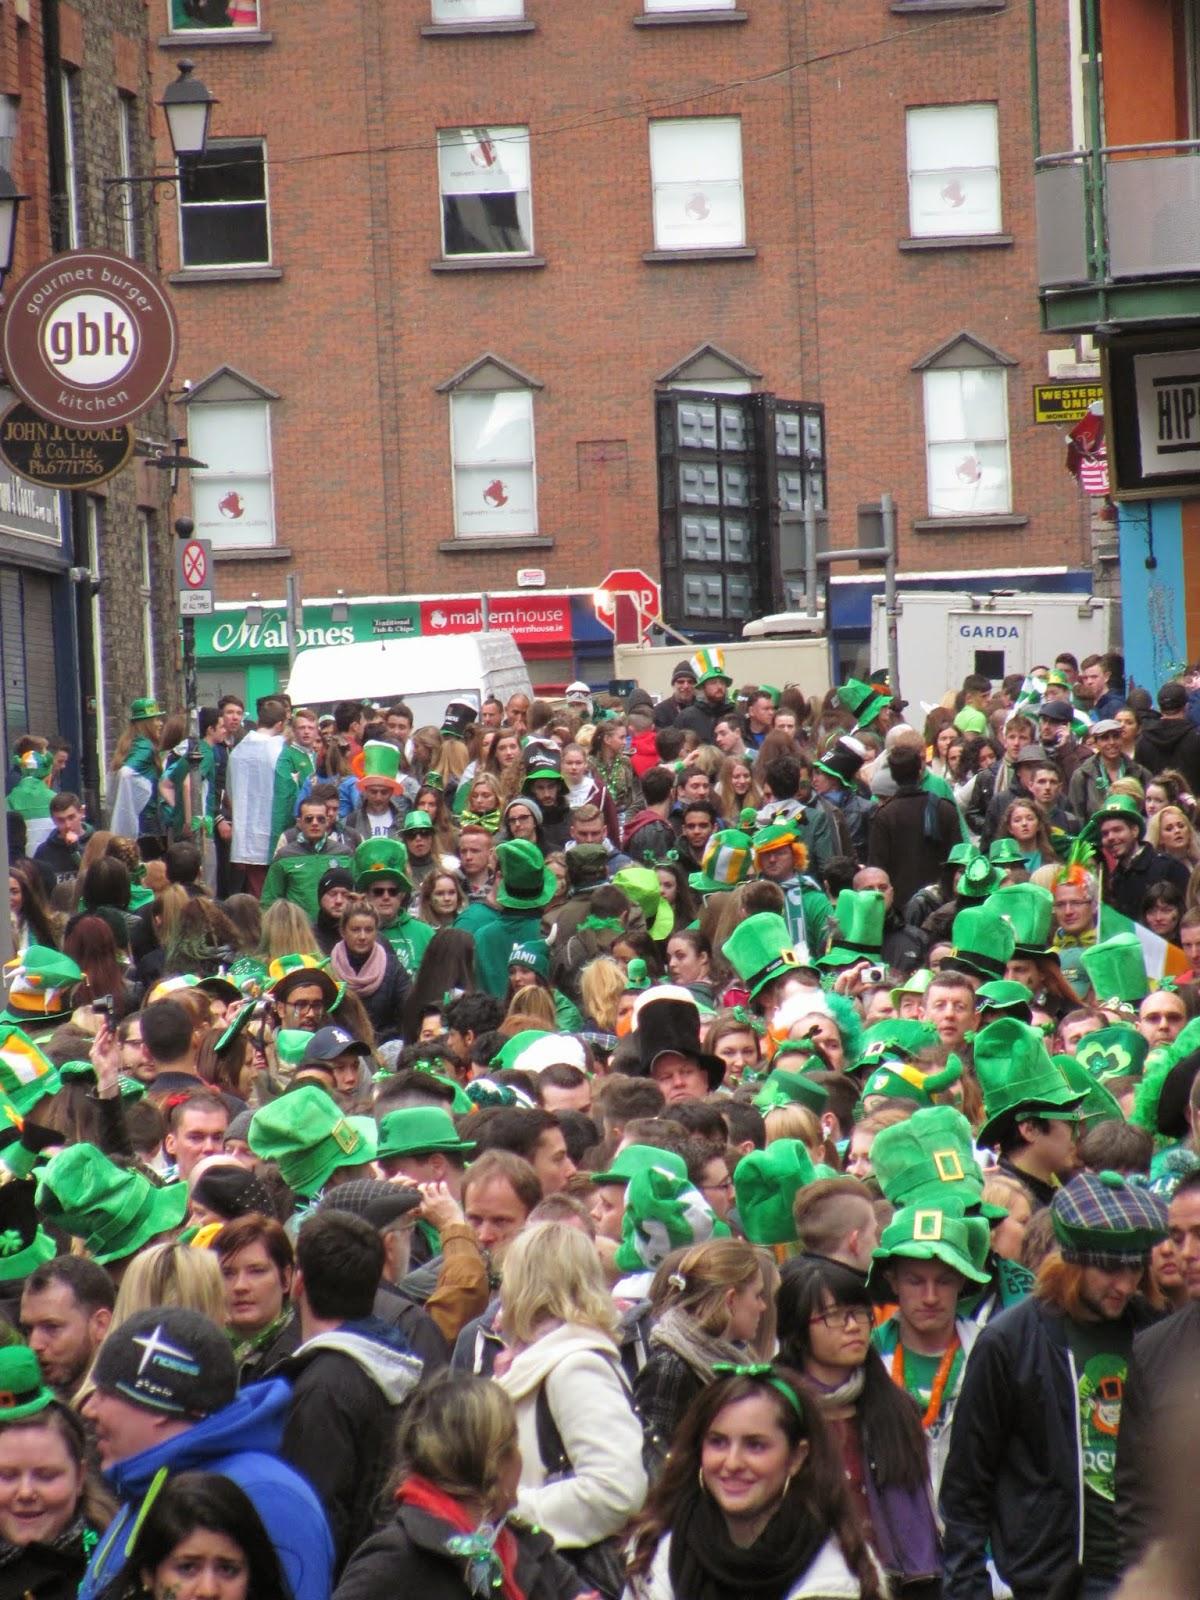 St. Patrick's Day 2014—Dublin, Ireland